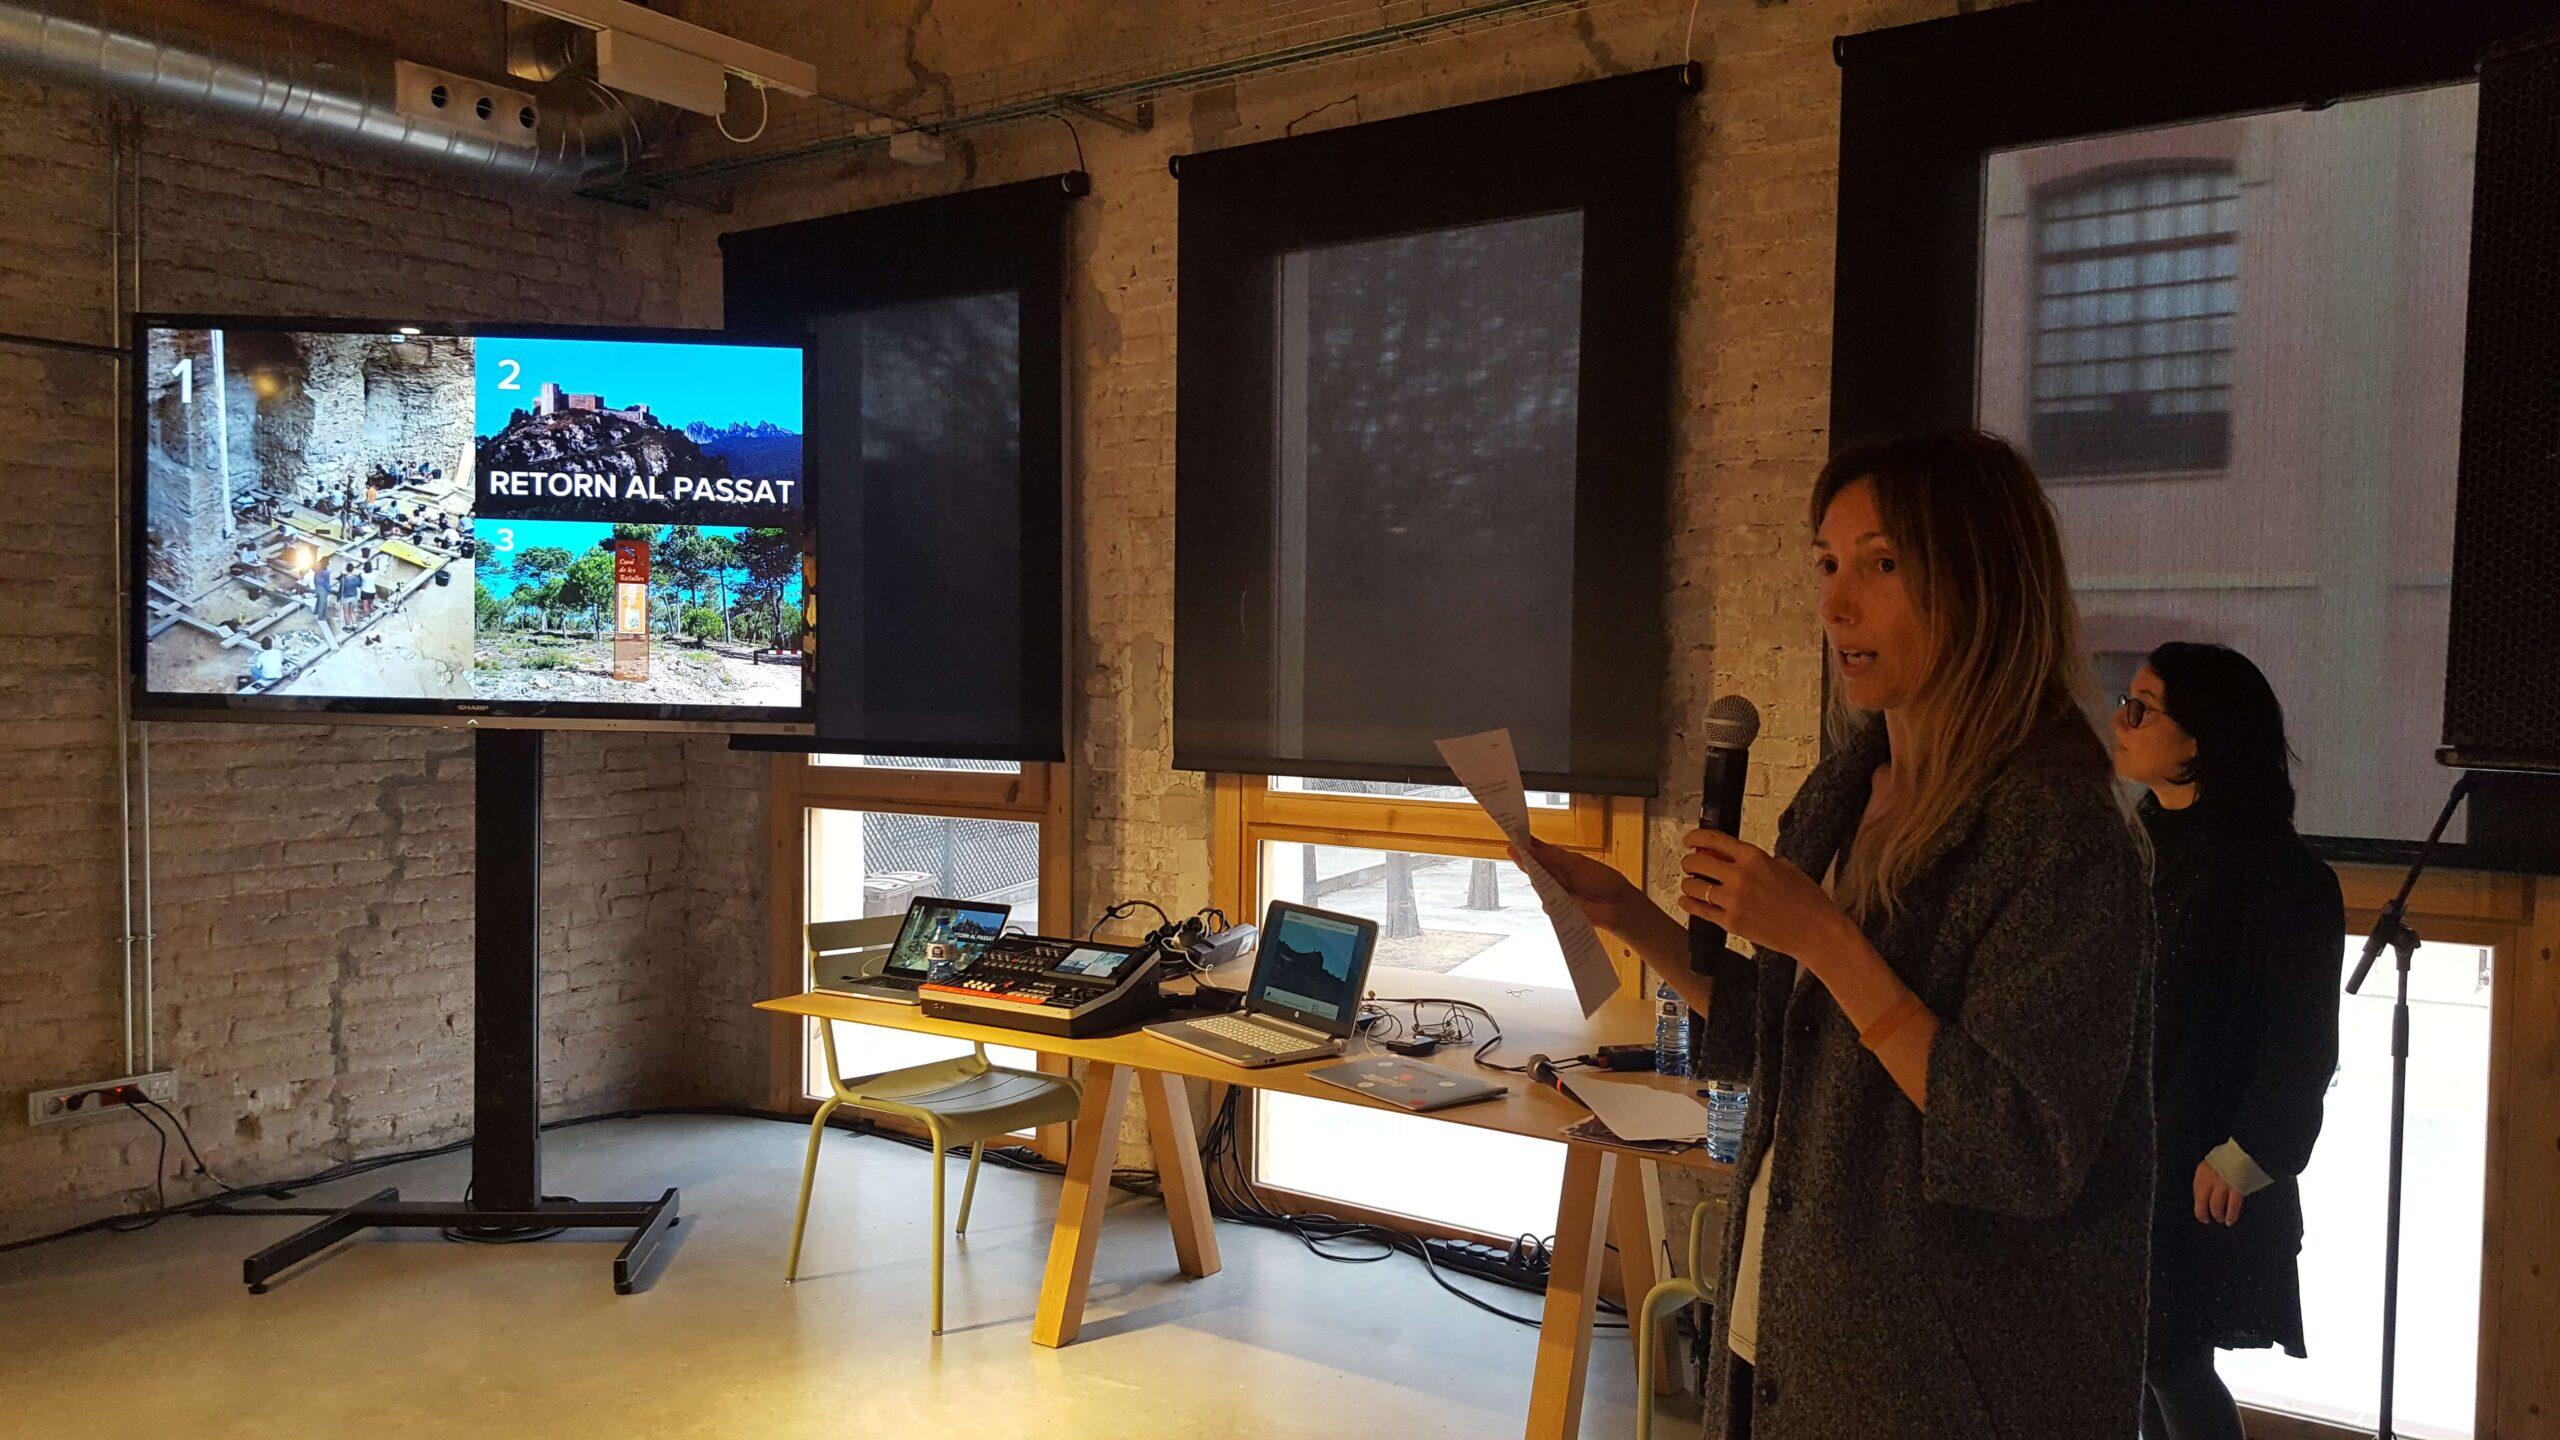 Sessió Del Healthy Destinations Lab Organitzat Per Airbnb A Igualada.